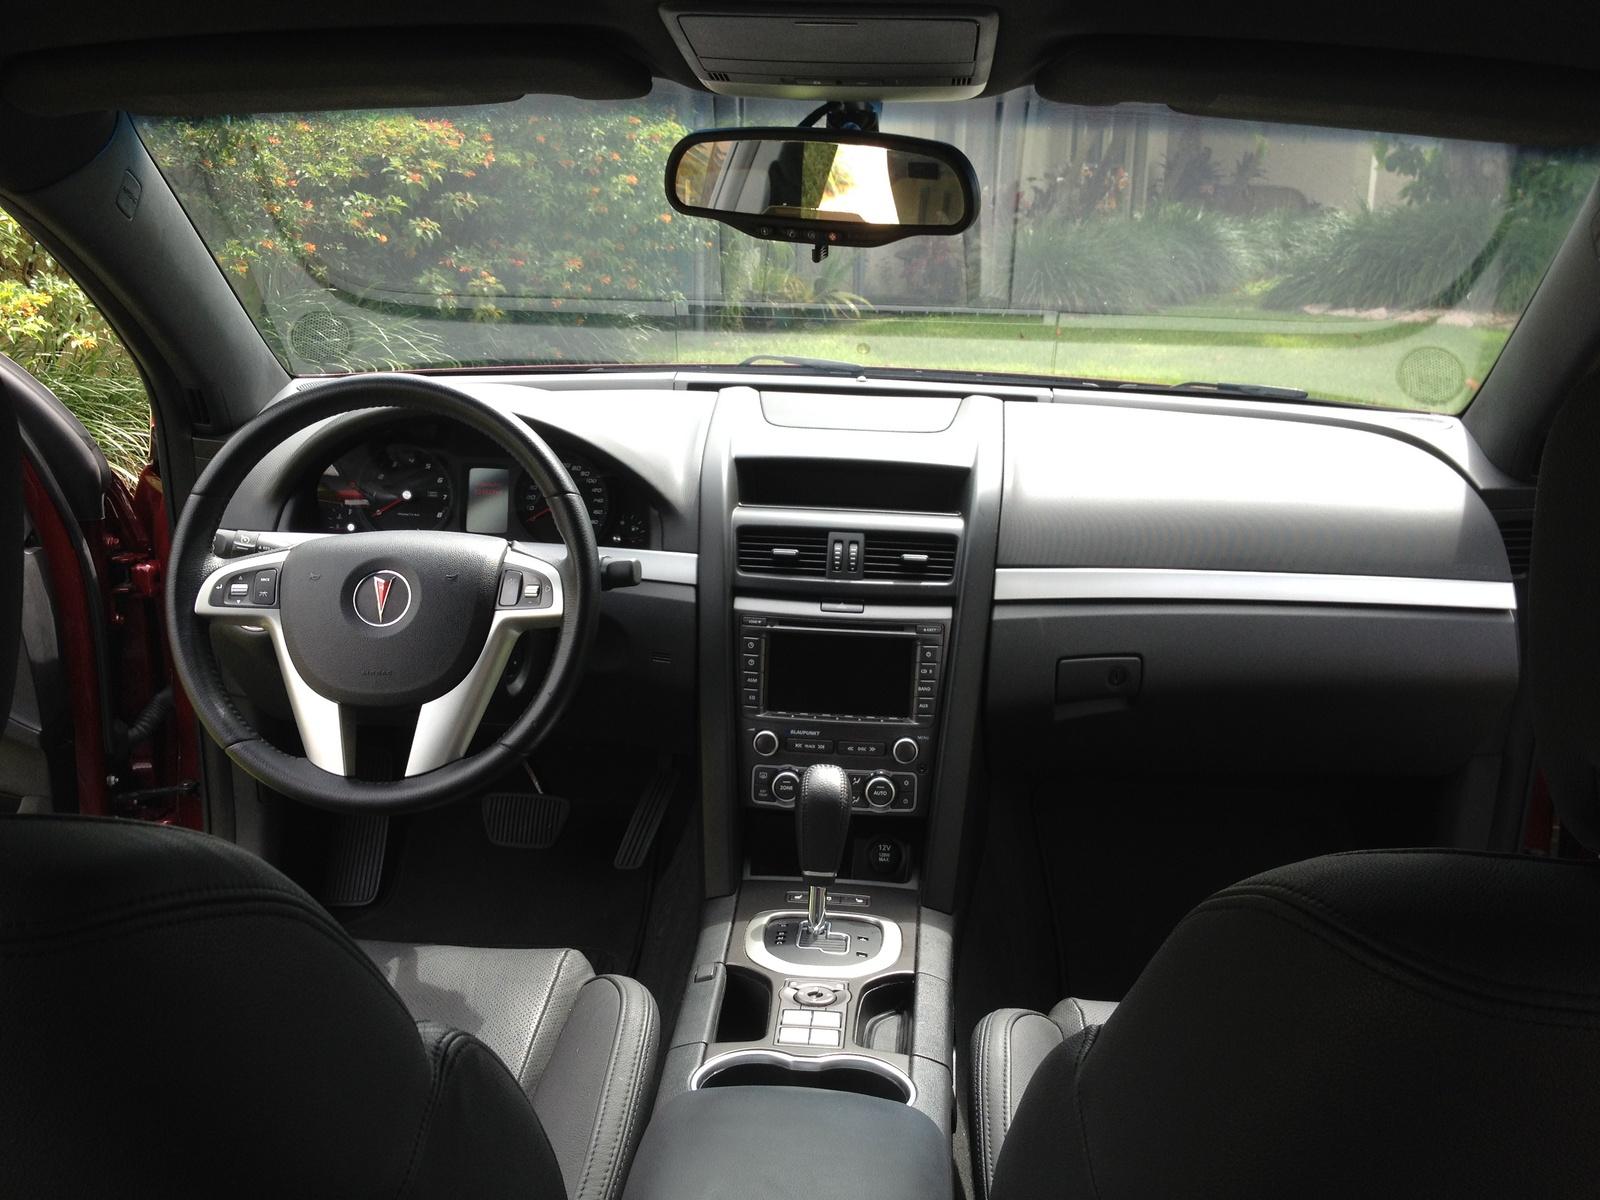 2009 Pontiac G8 Interior Pictures Cargurus